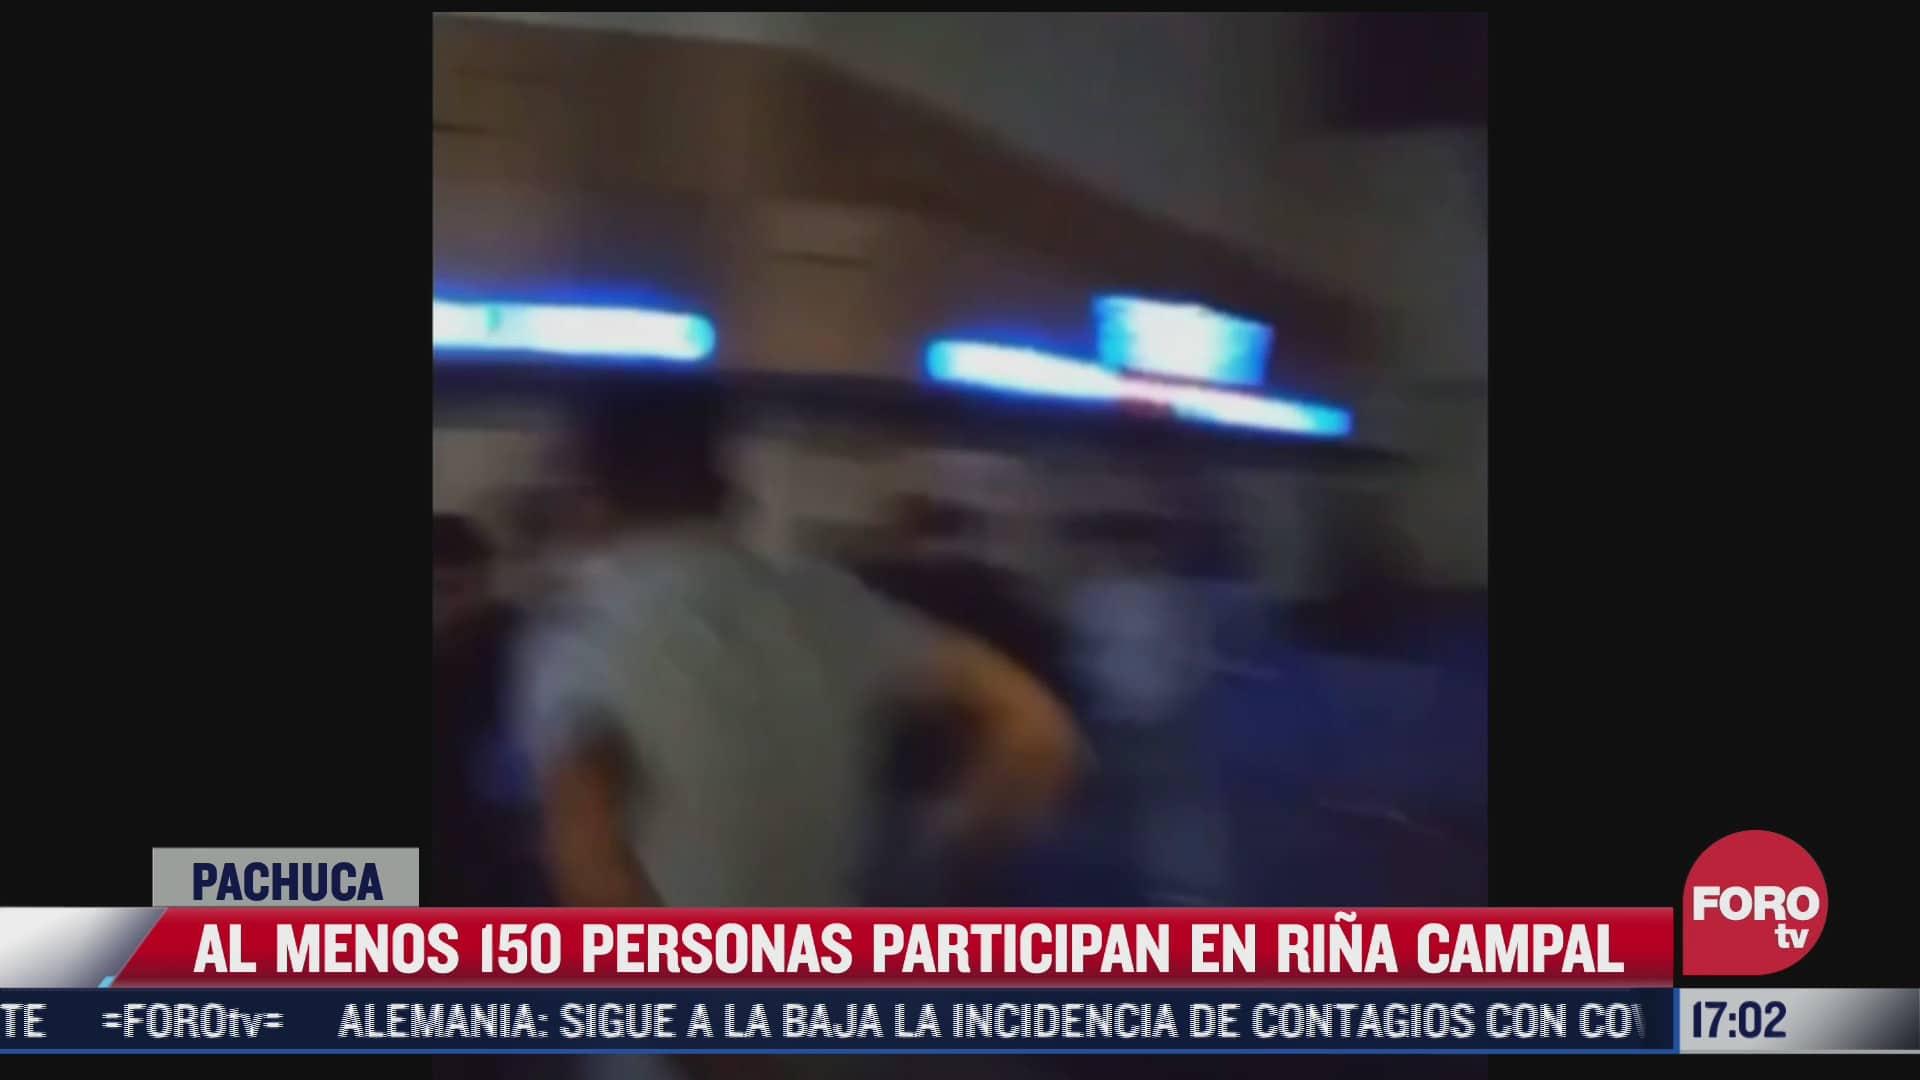 al menos 150 personas participan en rina campal en pachuca